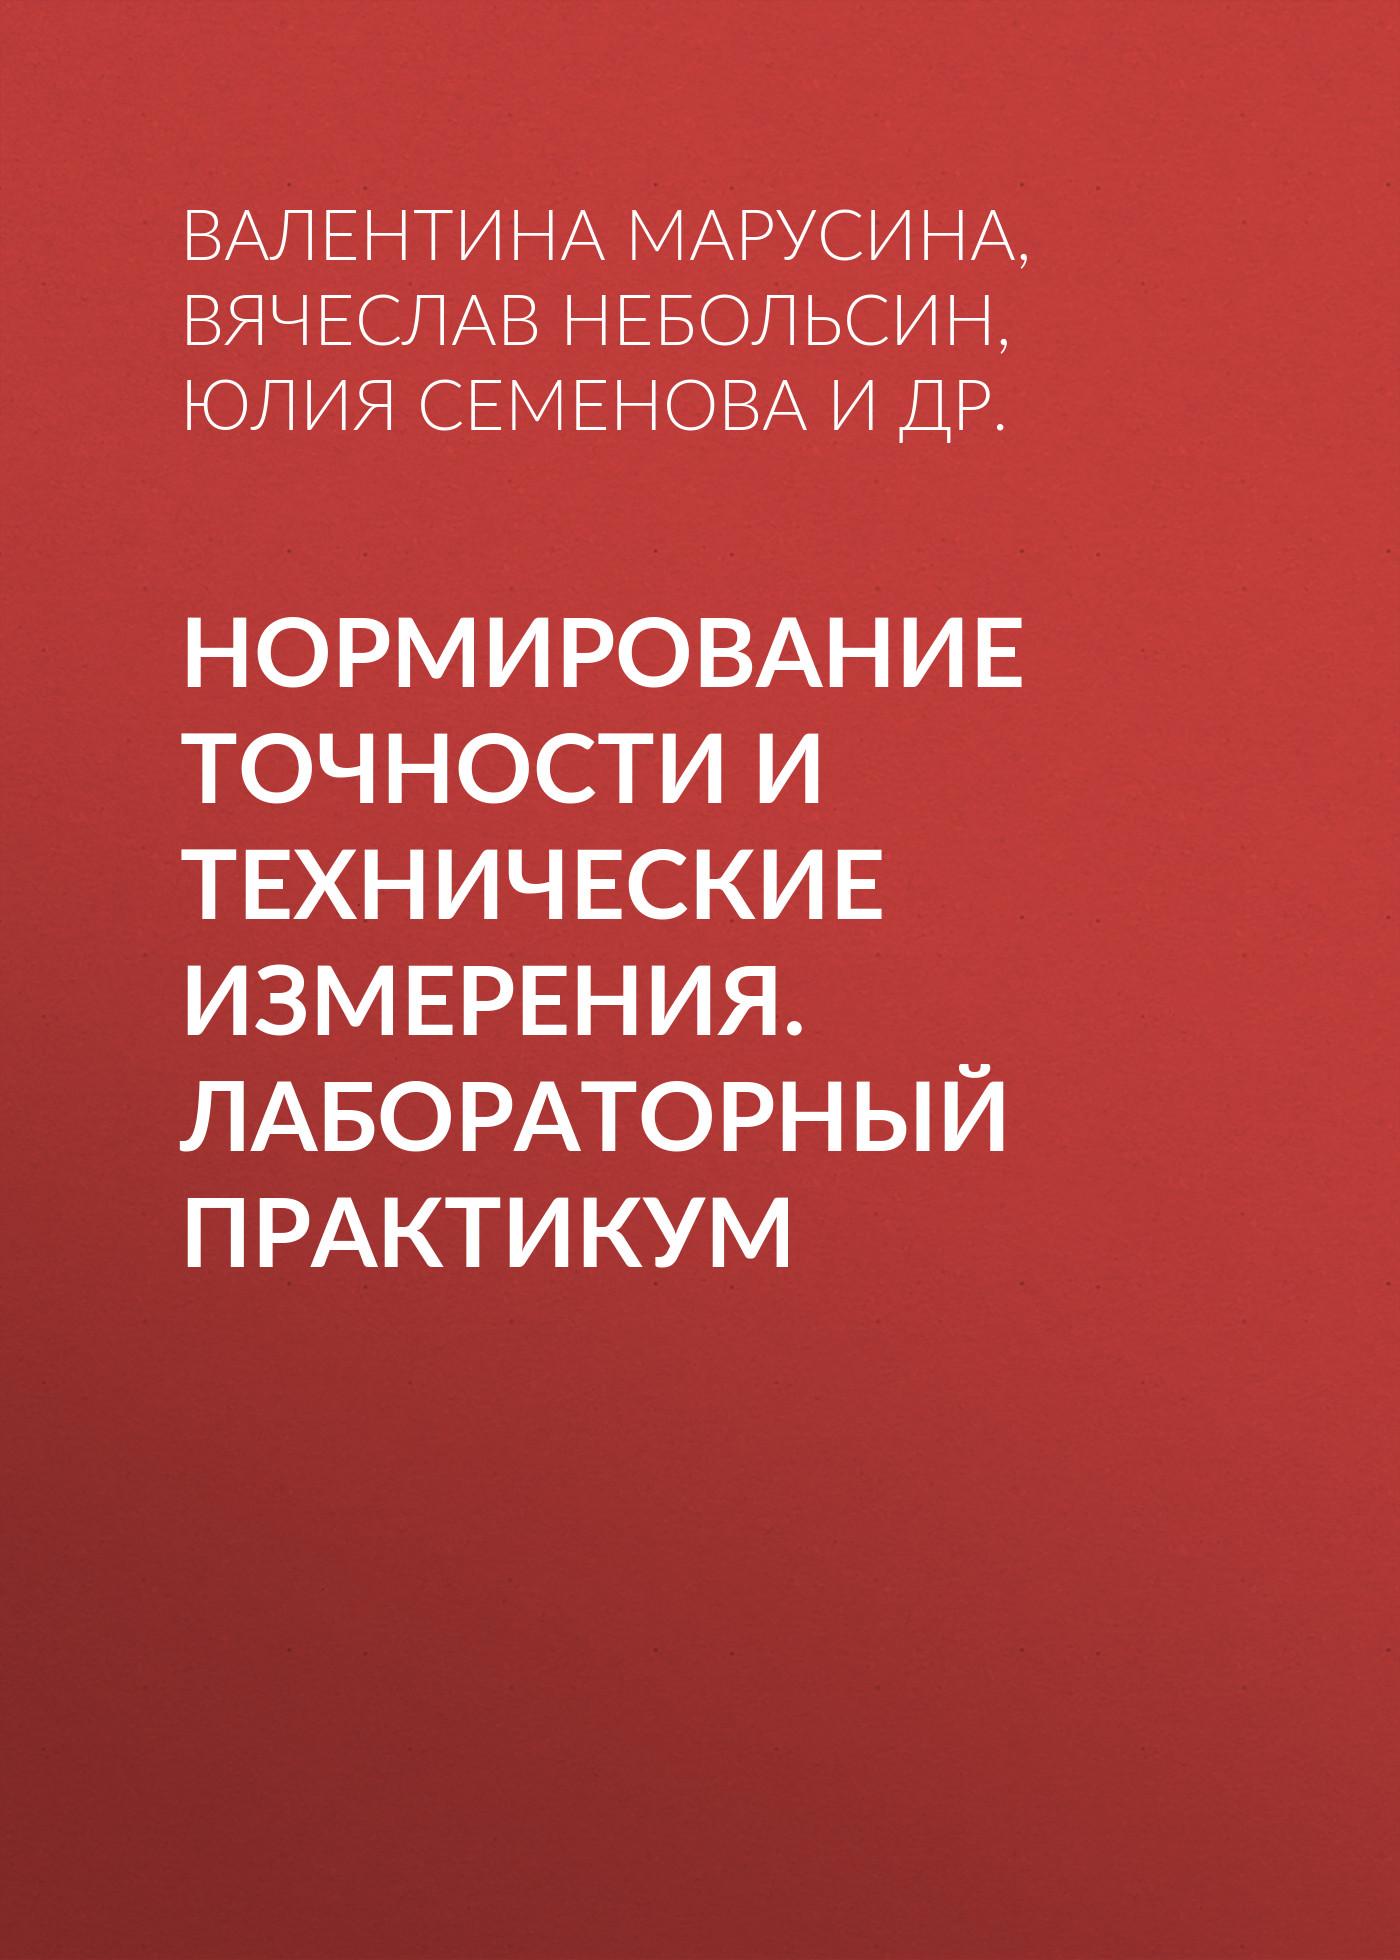 купить Вячеслав Небольсин Нормирование точности и технические измерения. Лабораторный практикум недорого